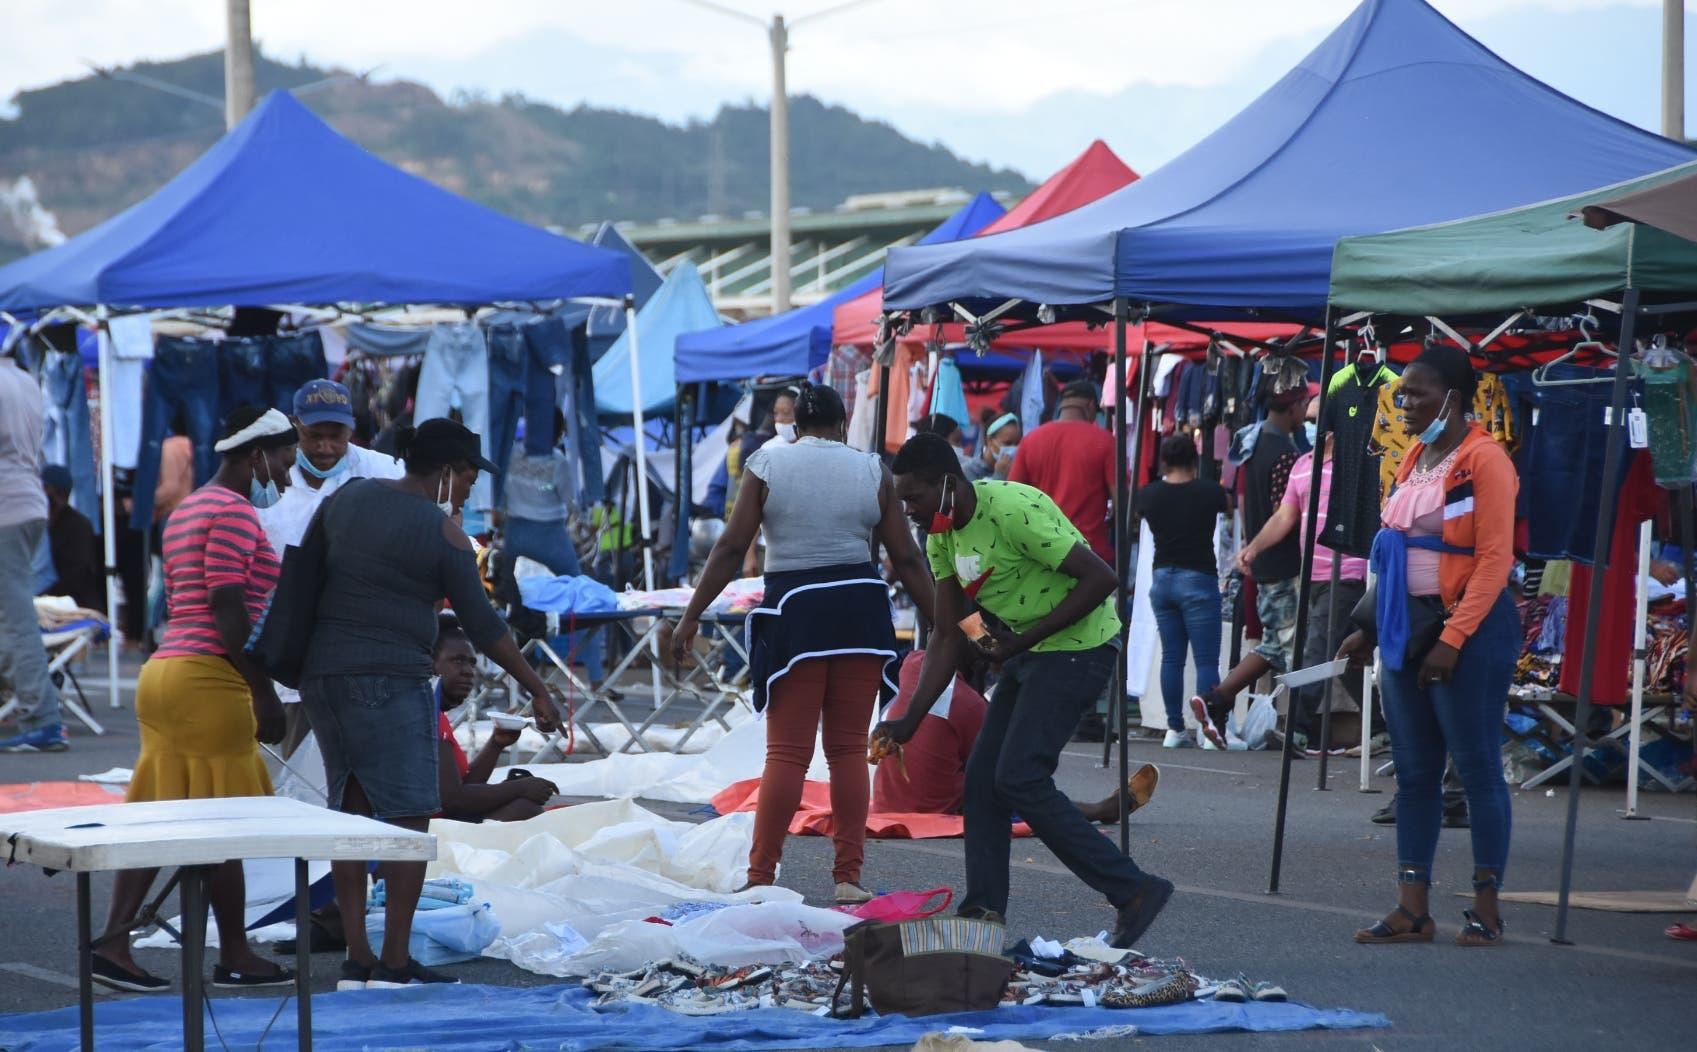 Mercado de productos agrícolas y ropas usadas inician jornada juntos